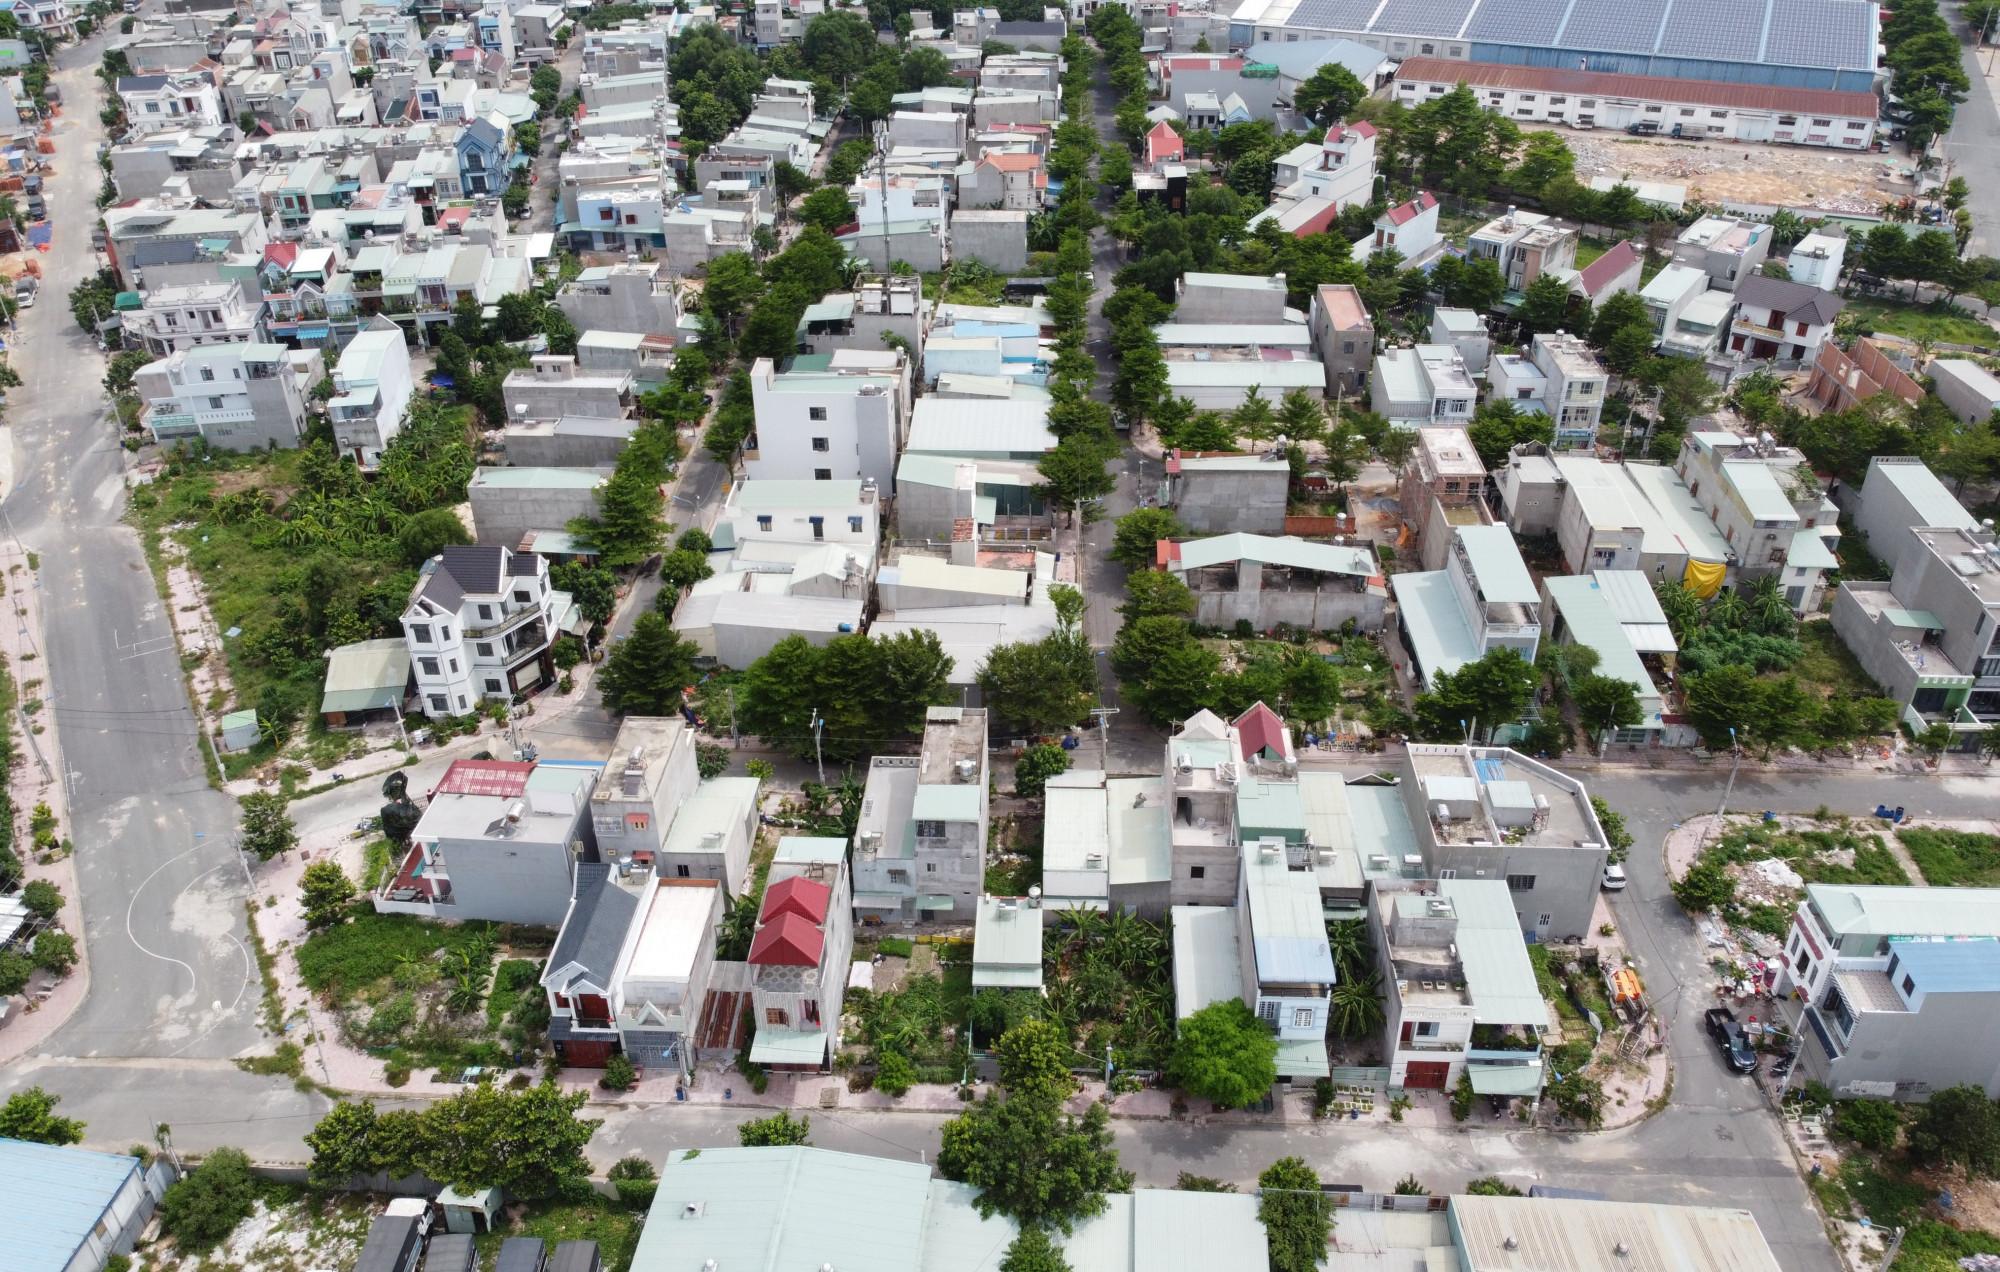 Công ty Đất Mới bán đất cho người dân khu nhà ở đã 10 năm nhưng vẫn chưa bàn giao sổ đổ. Ảnh: T.N